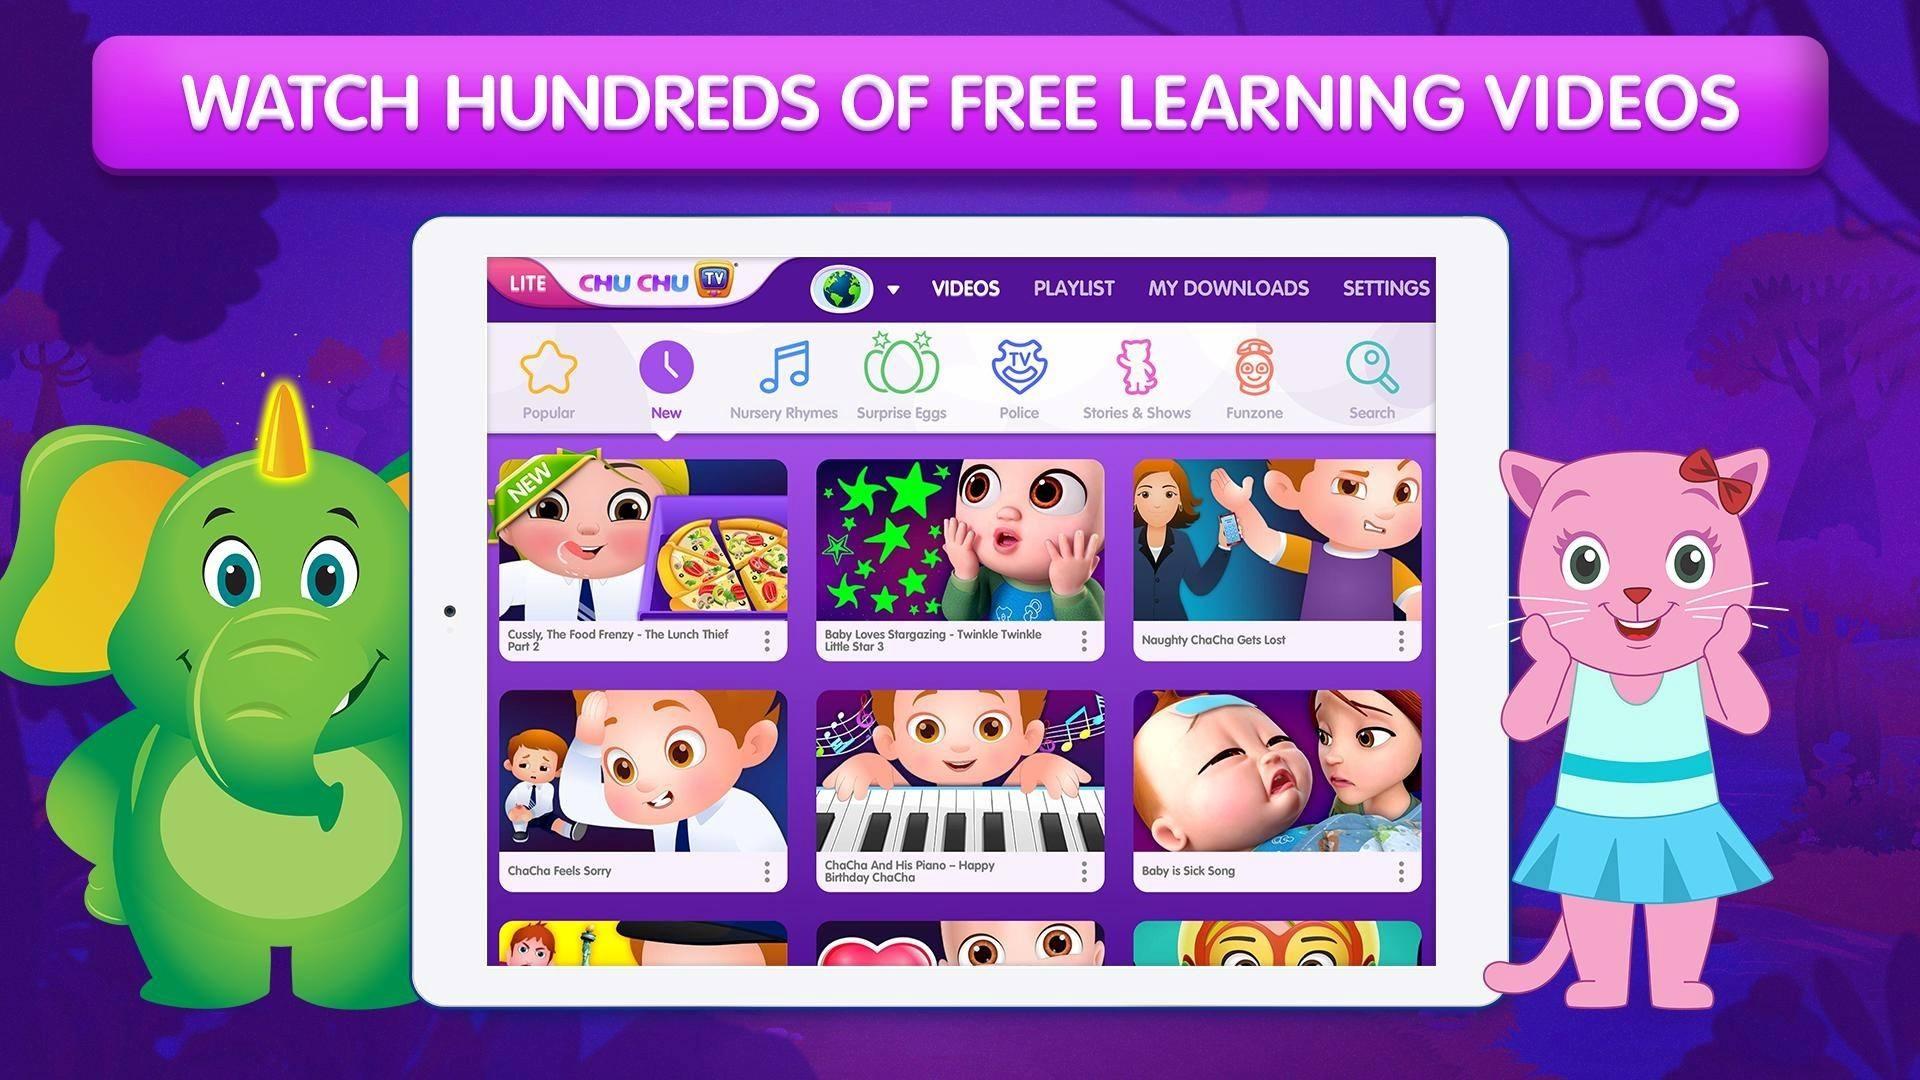 Chuchu TV Lite phần mềm học tiếng Anh phổ biến hiện nay